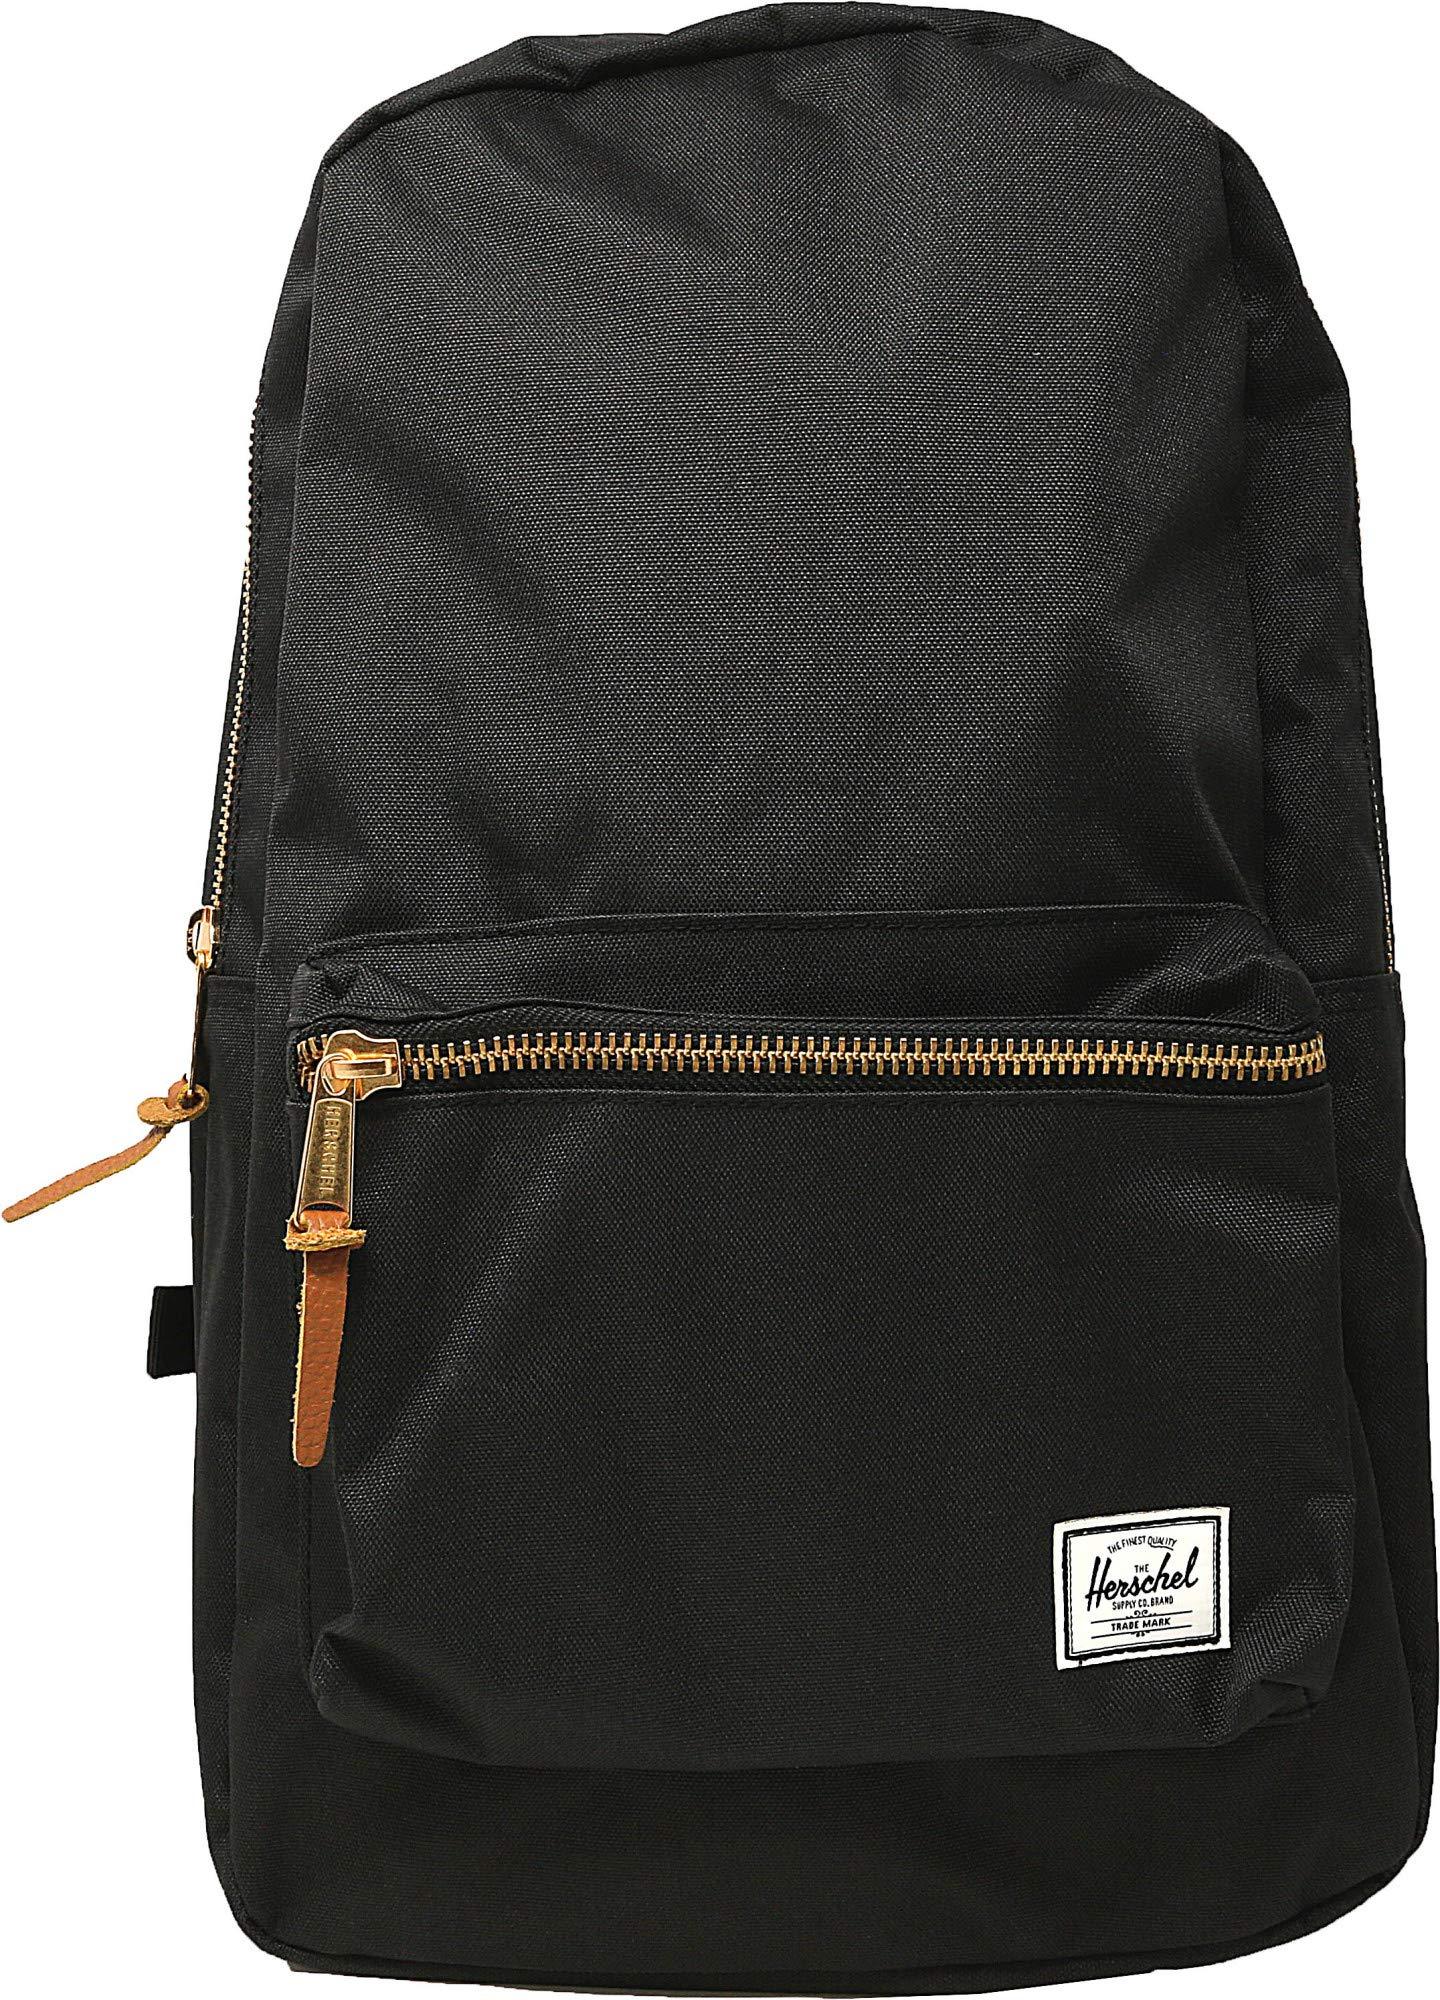 Herschel Settlement Backpack - Black Gridlock by Herschel